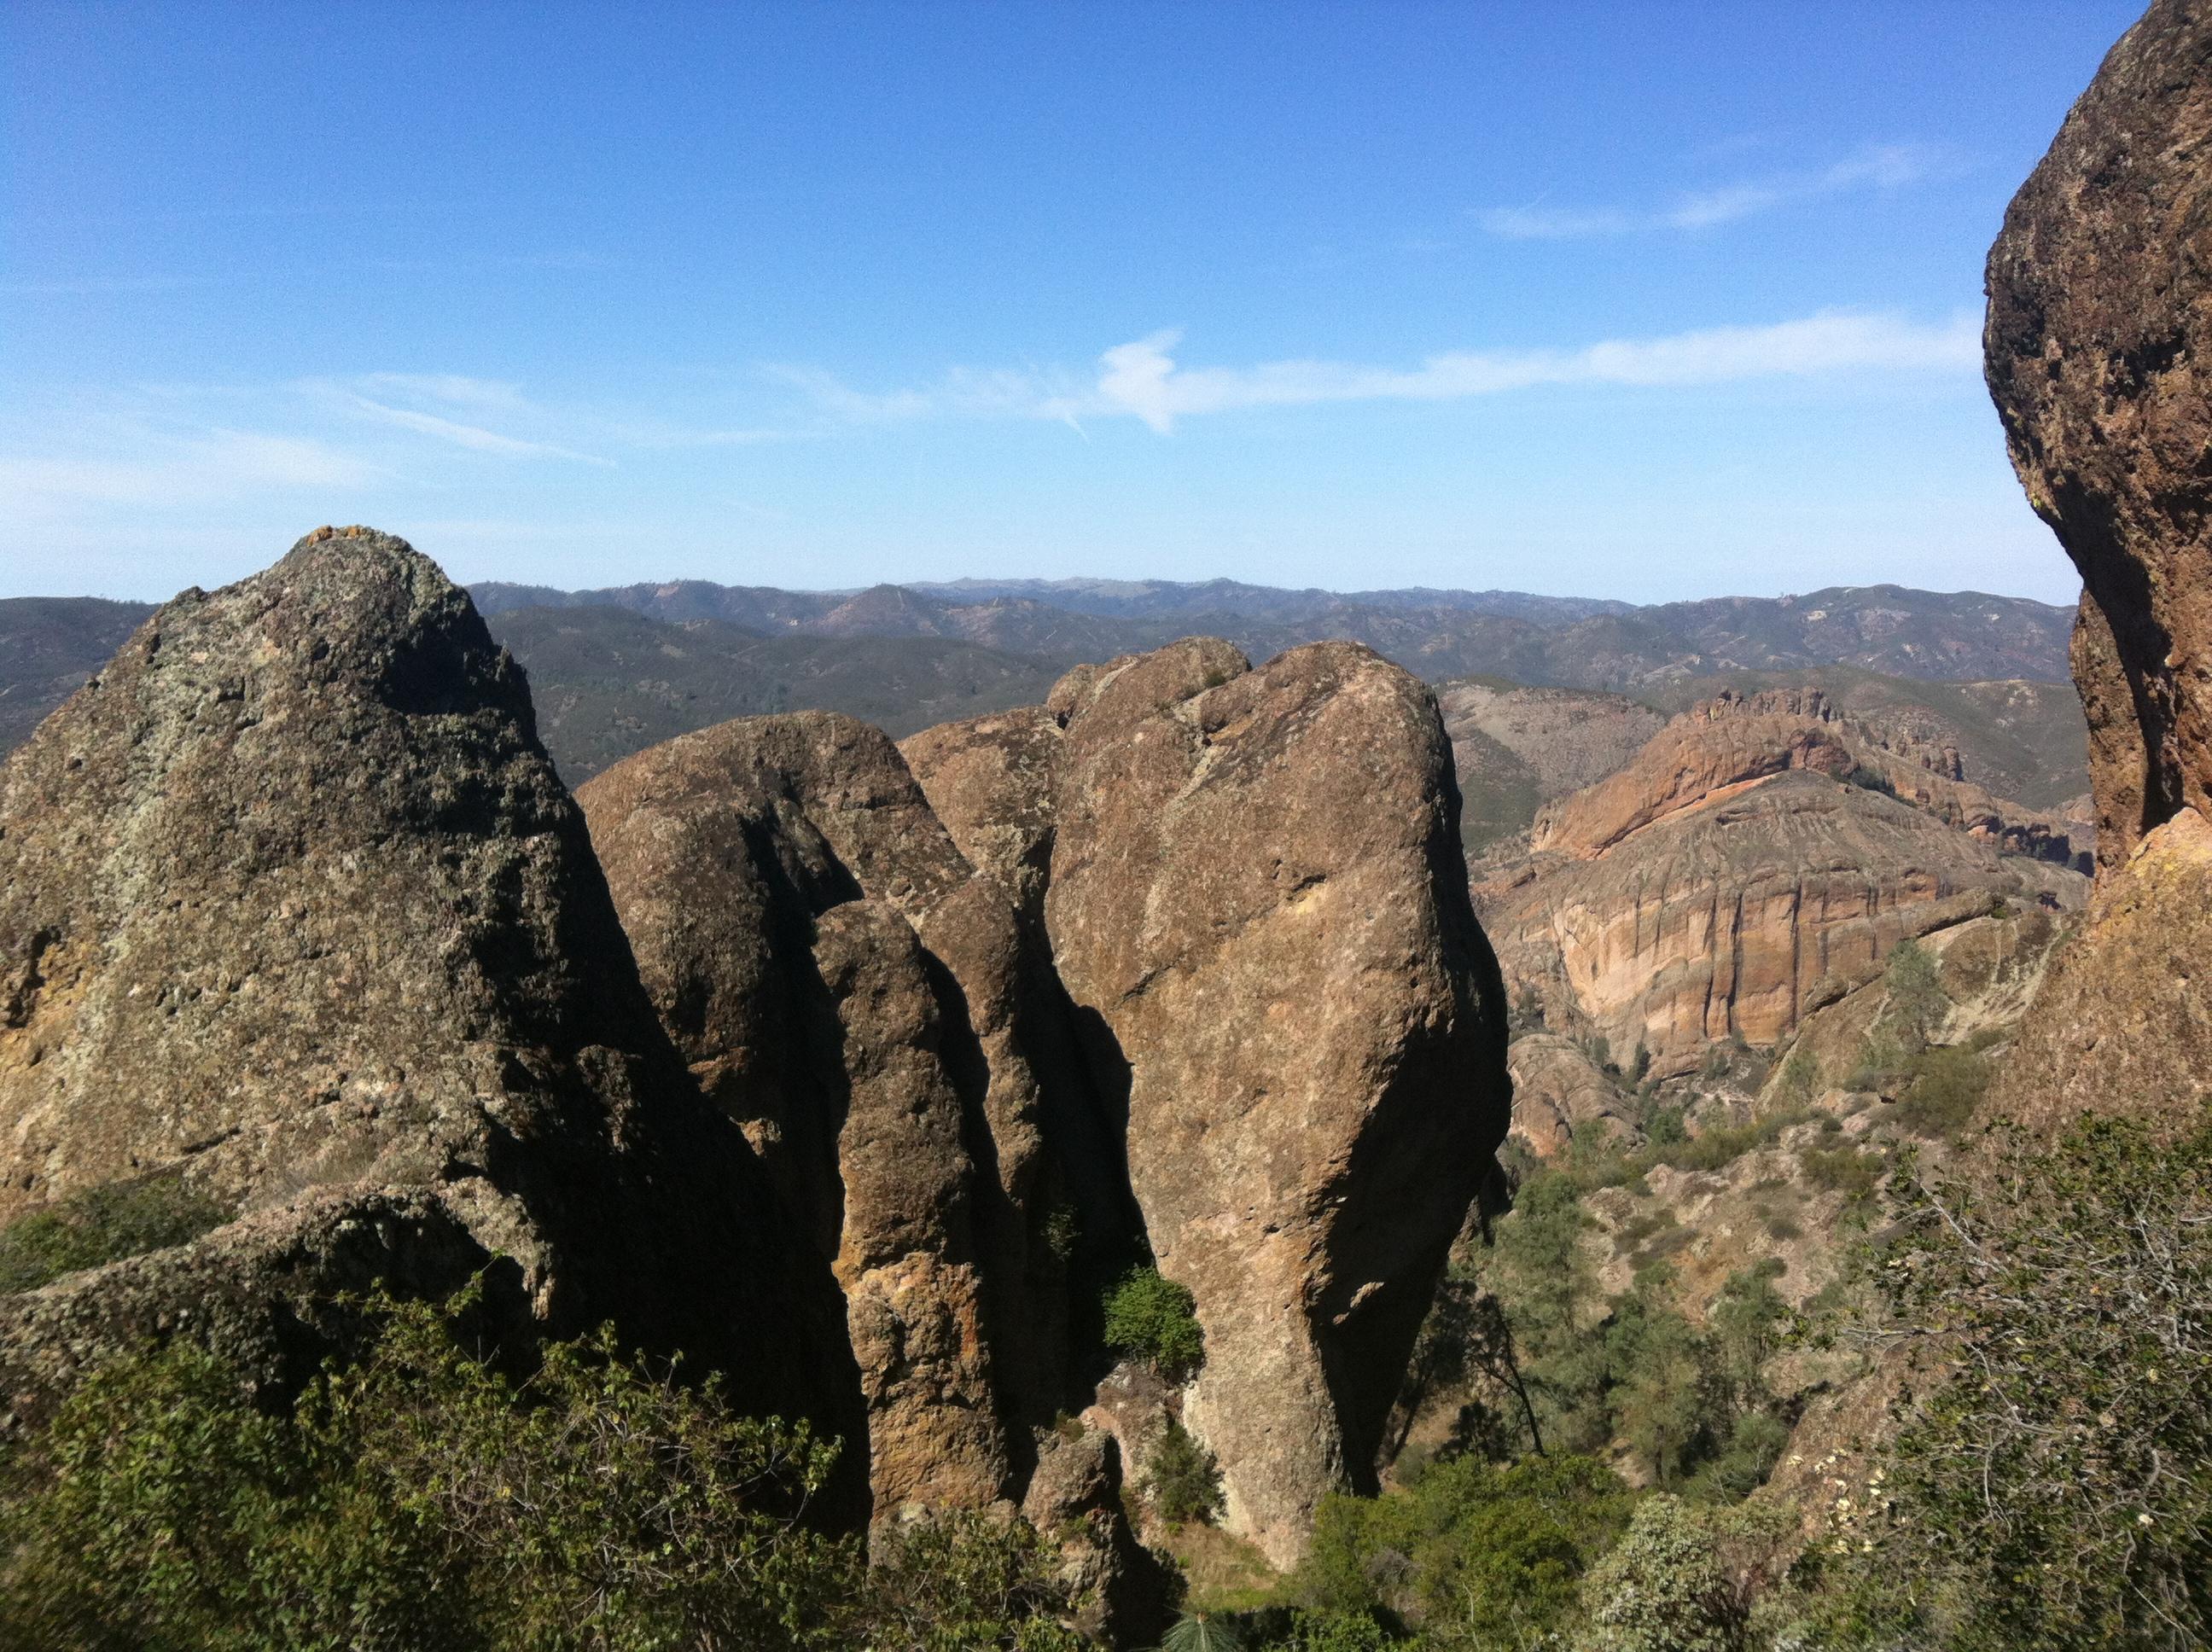 Hiking at The Pinnacles, CA